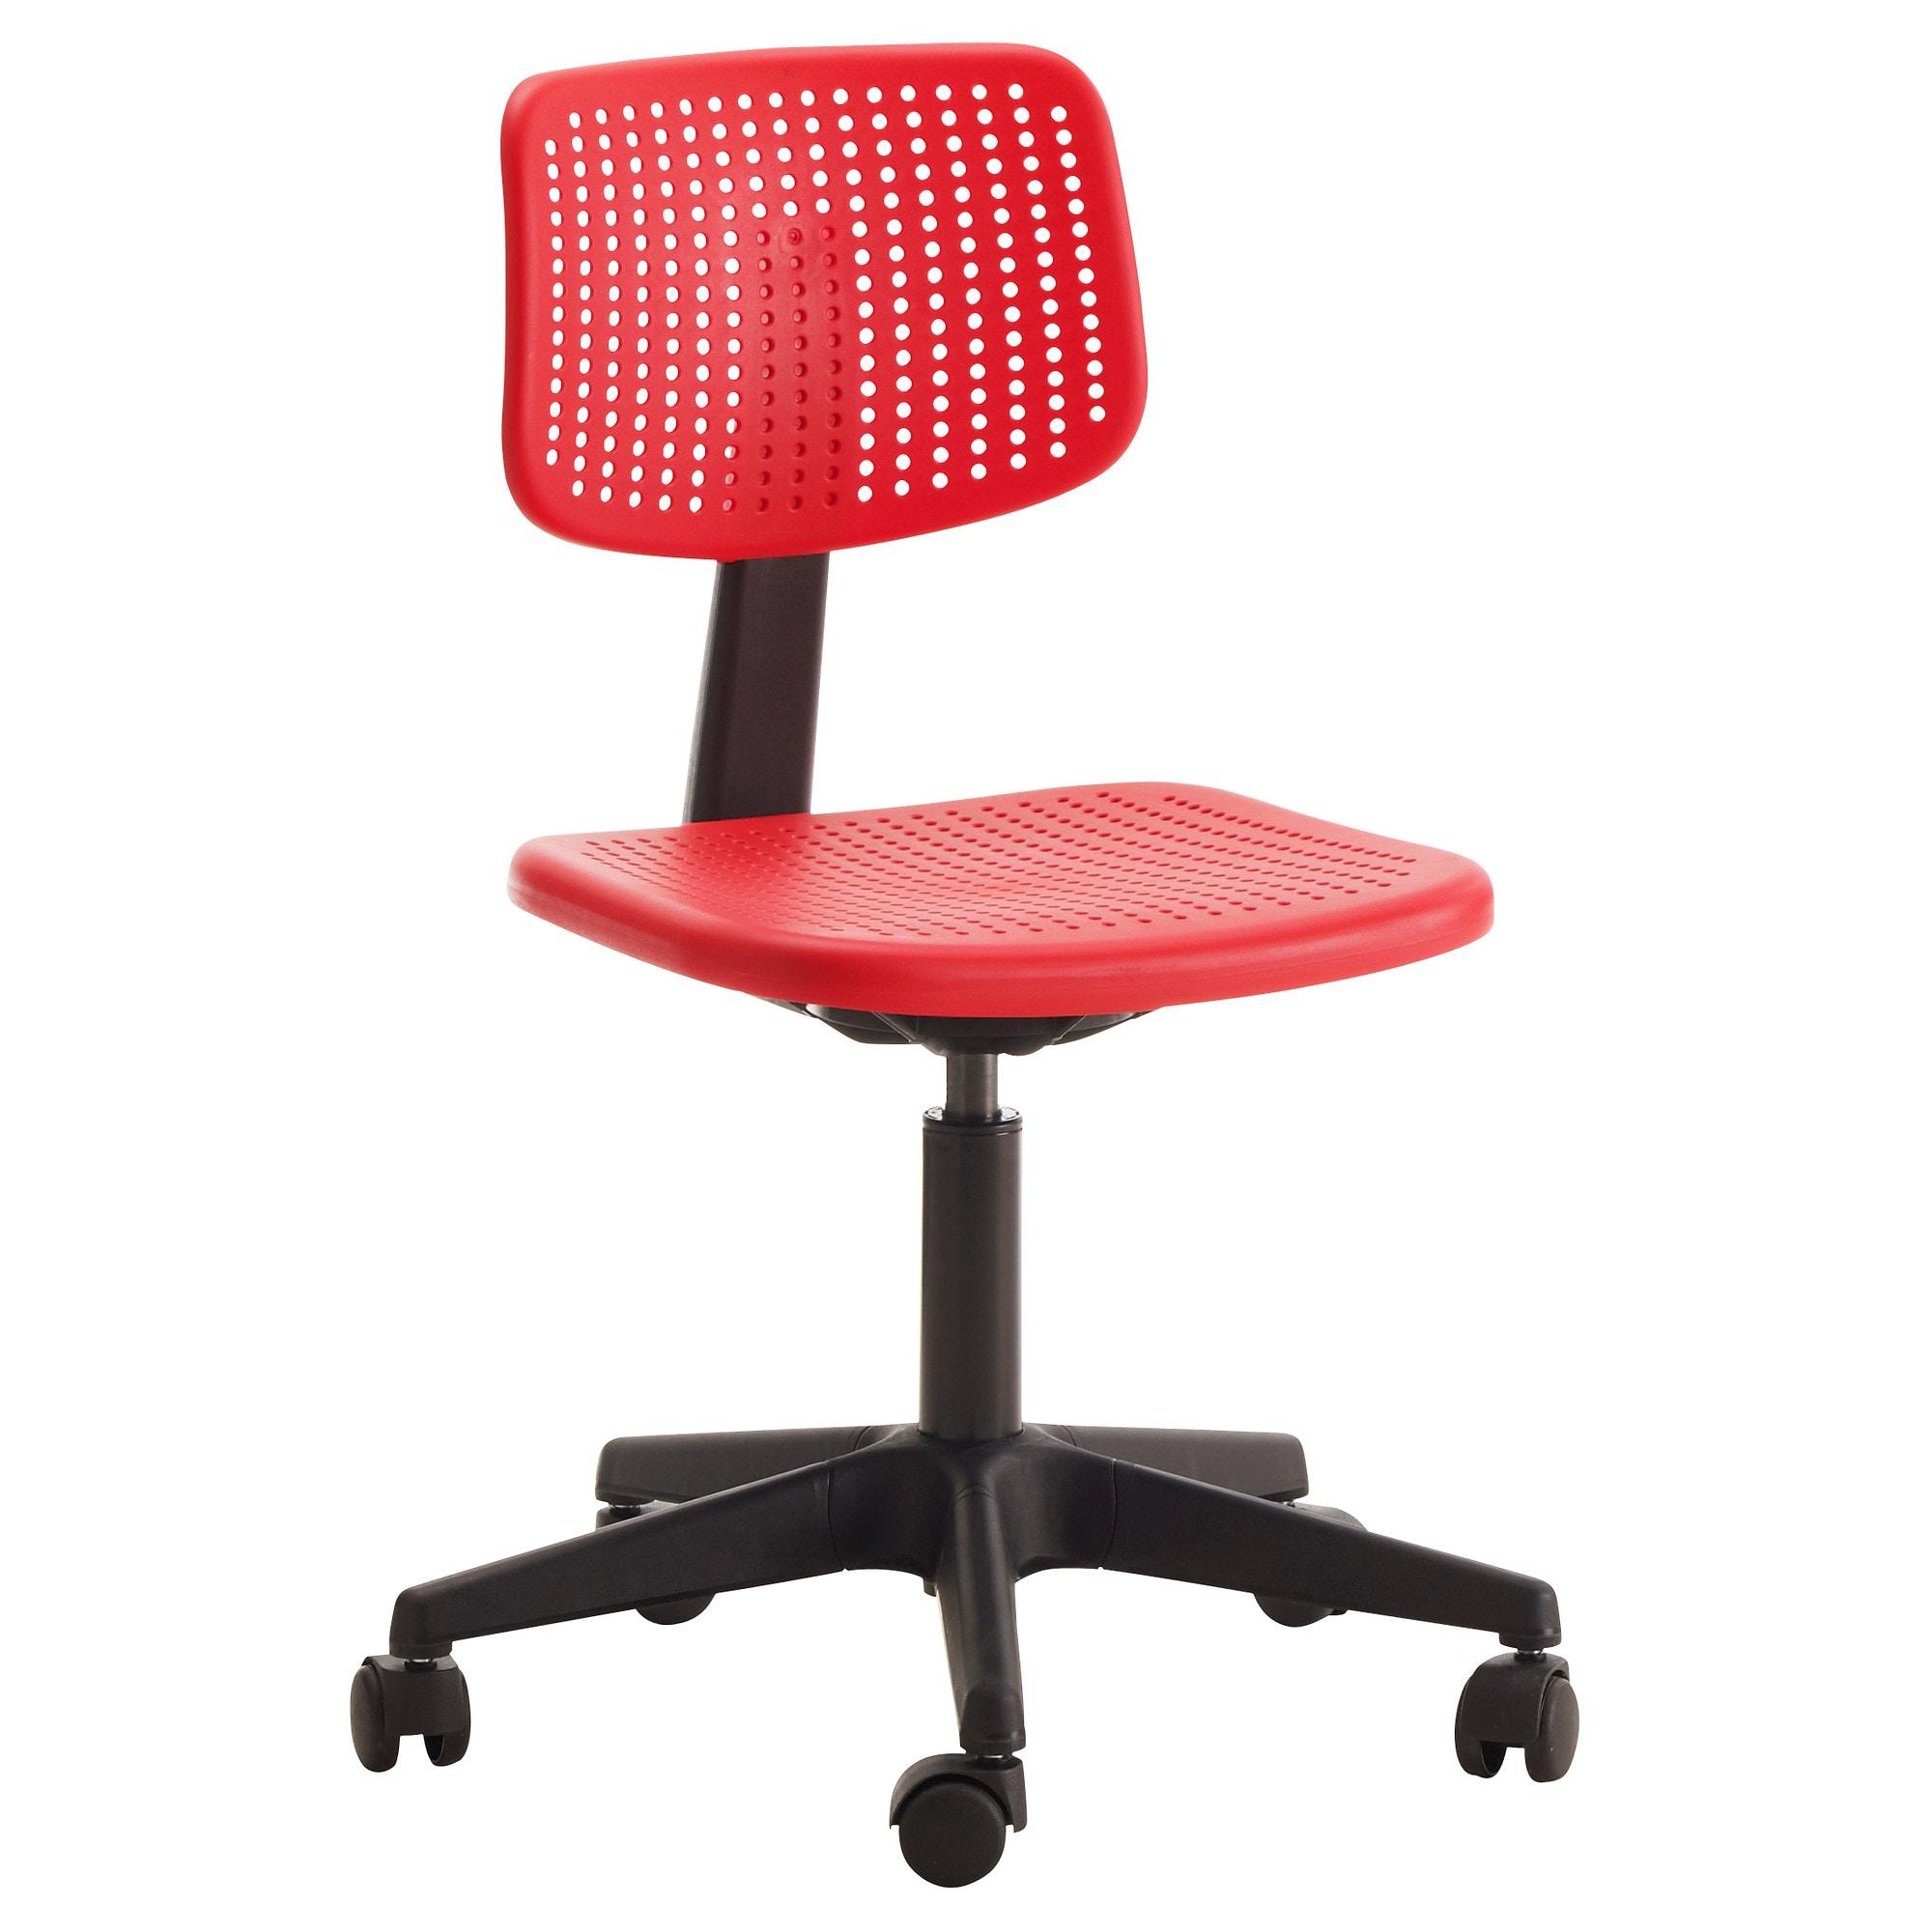 Sillas Gaming Ikea Q5df Sillas De Oficina Y Sillas De Trabajo Pra Online Ikea